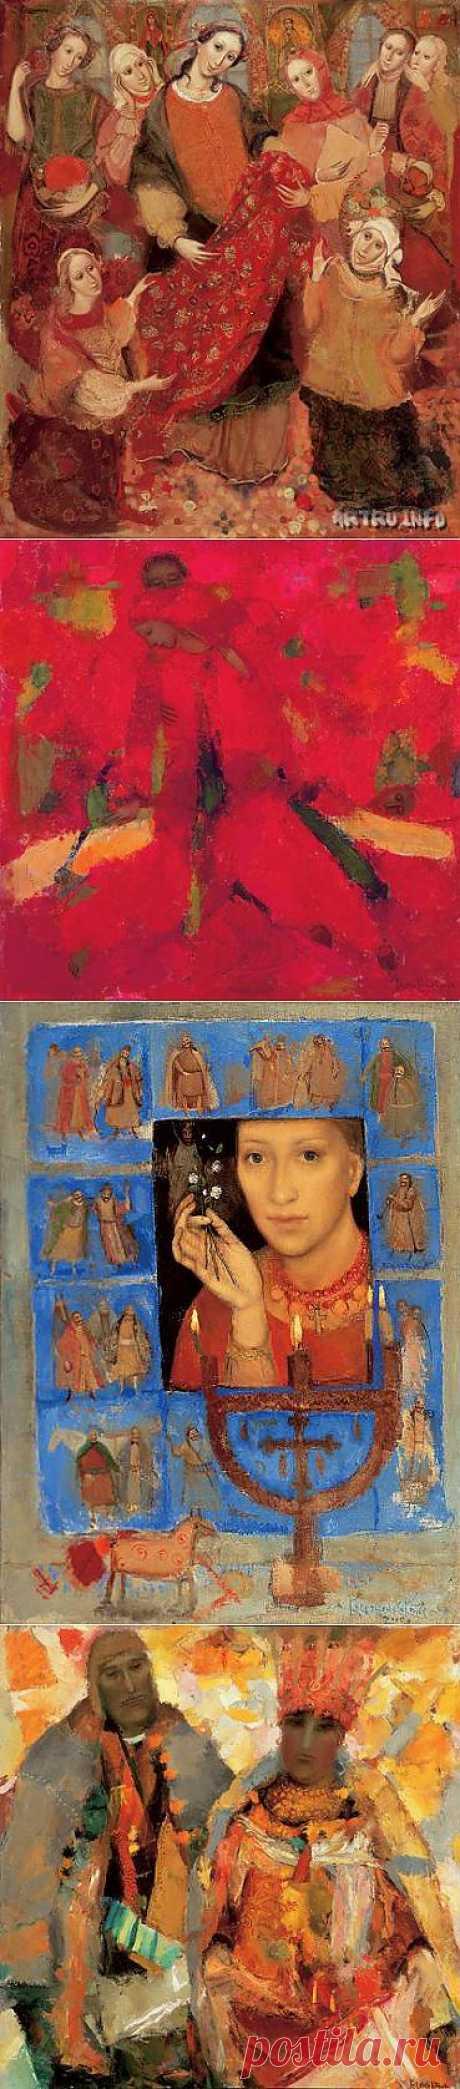 Работы художницы Екатерина Косьяненко - Галерея искусств - Для души - Статьи - Школа радости